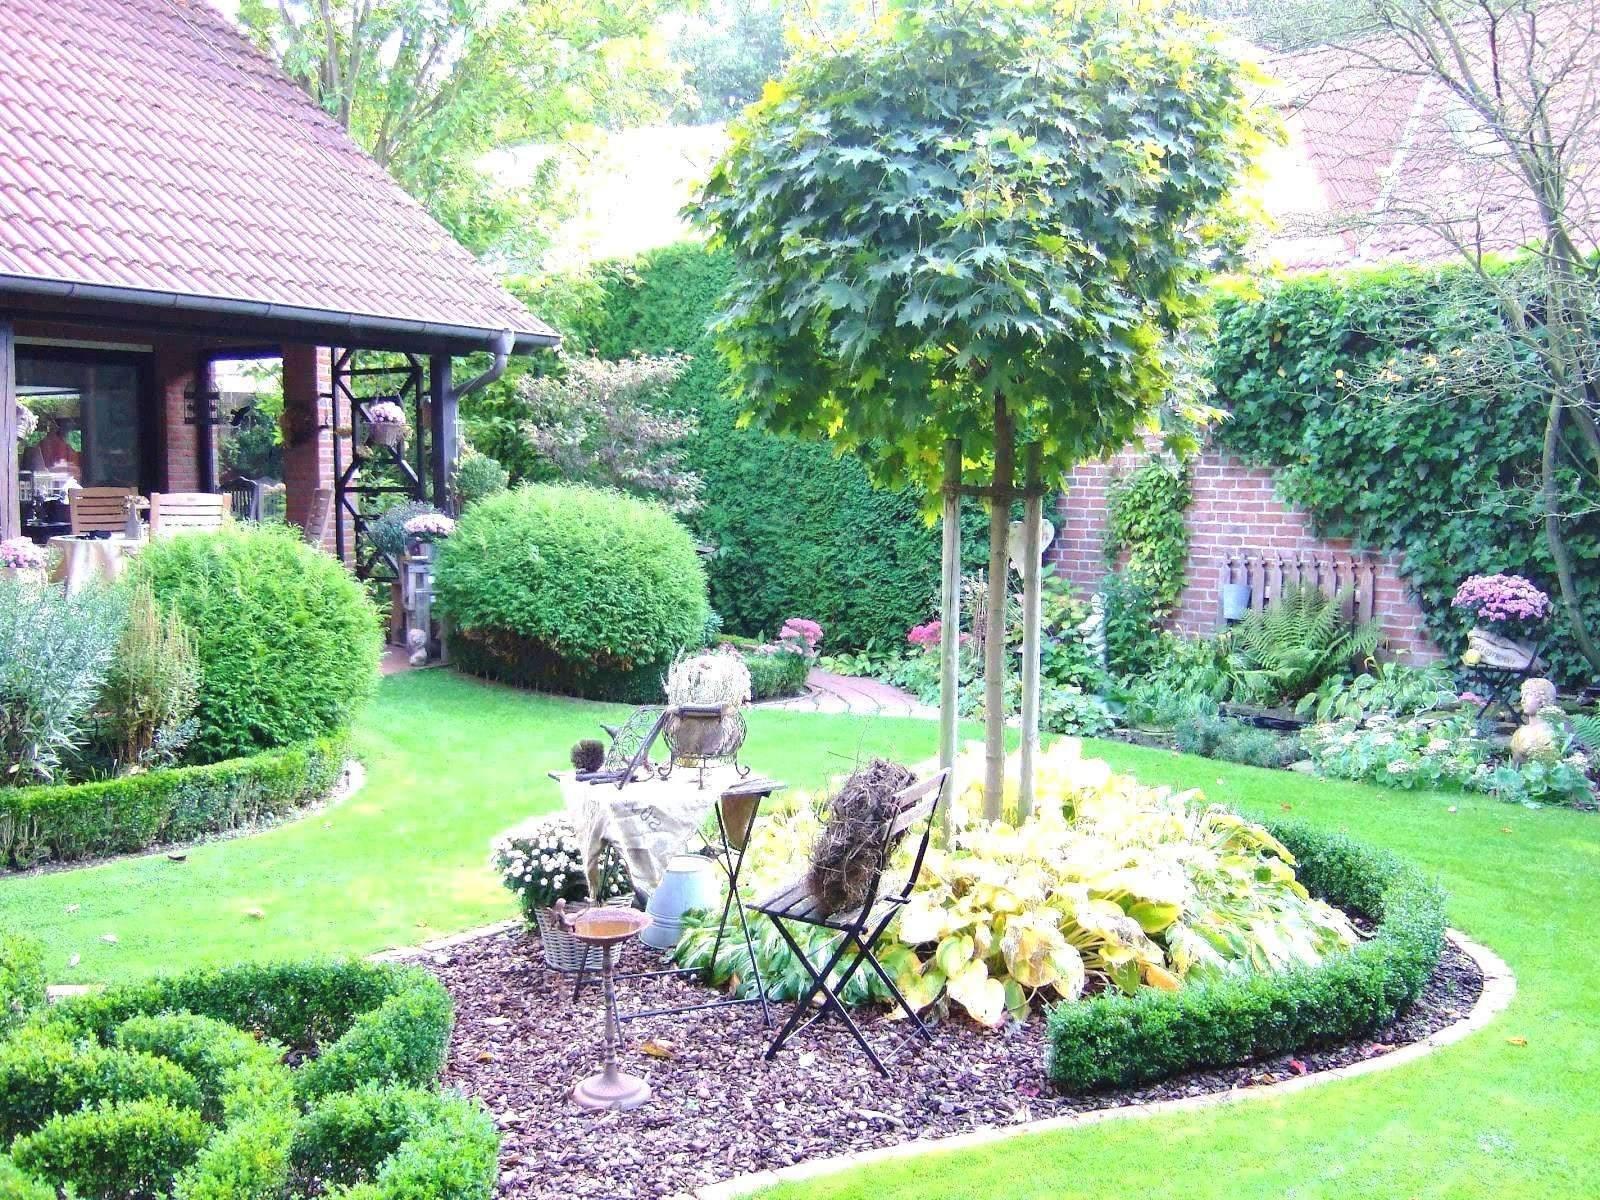 Garten Umgestalten Elegant Garten Ideas Garten Anlegen Inspirational Aussenleuchten